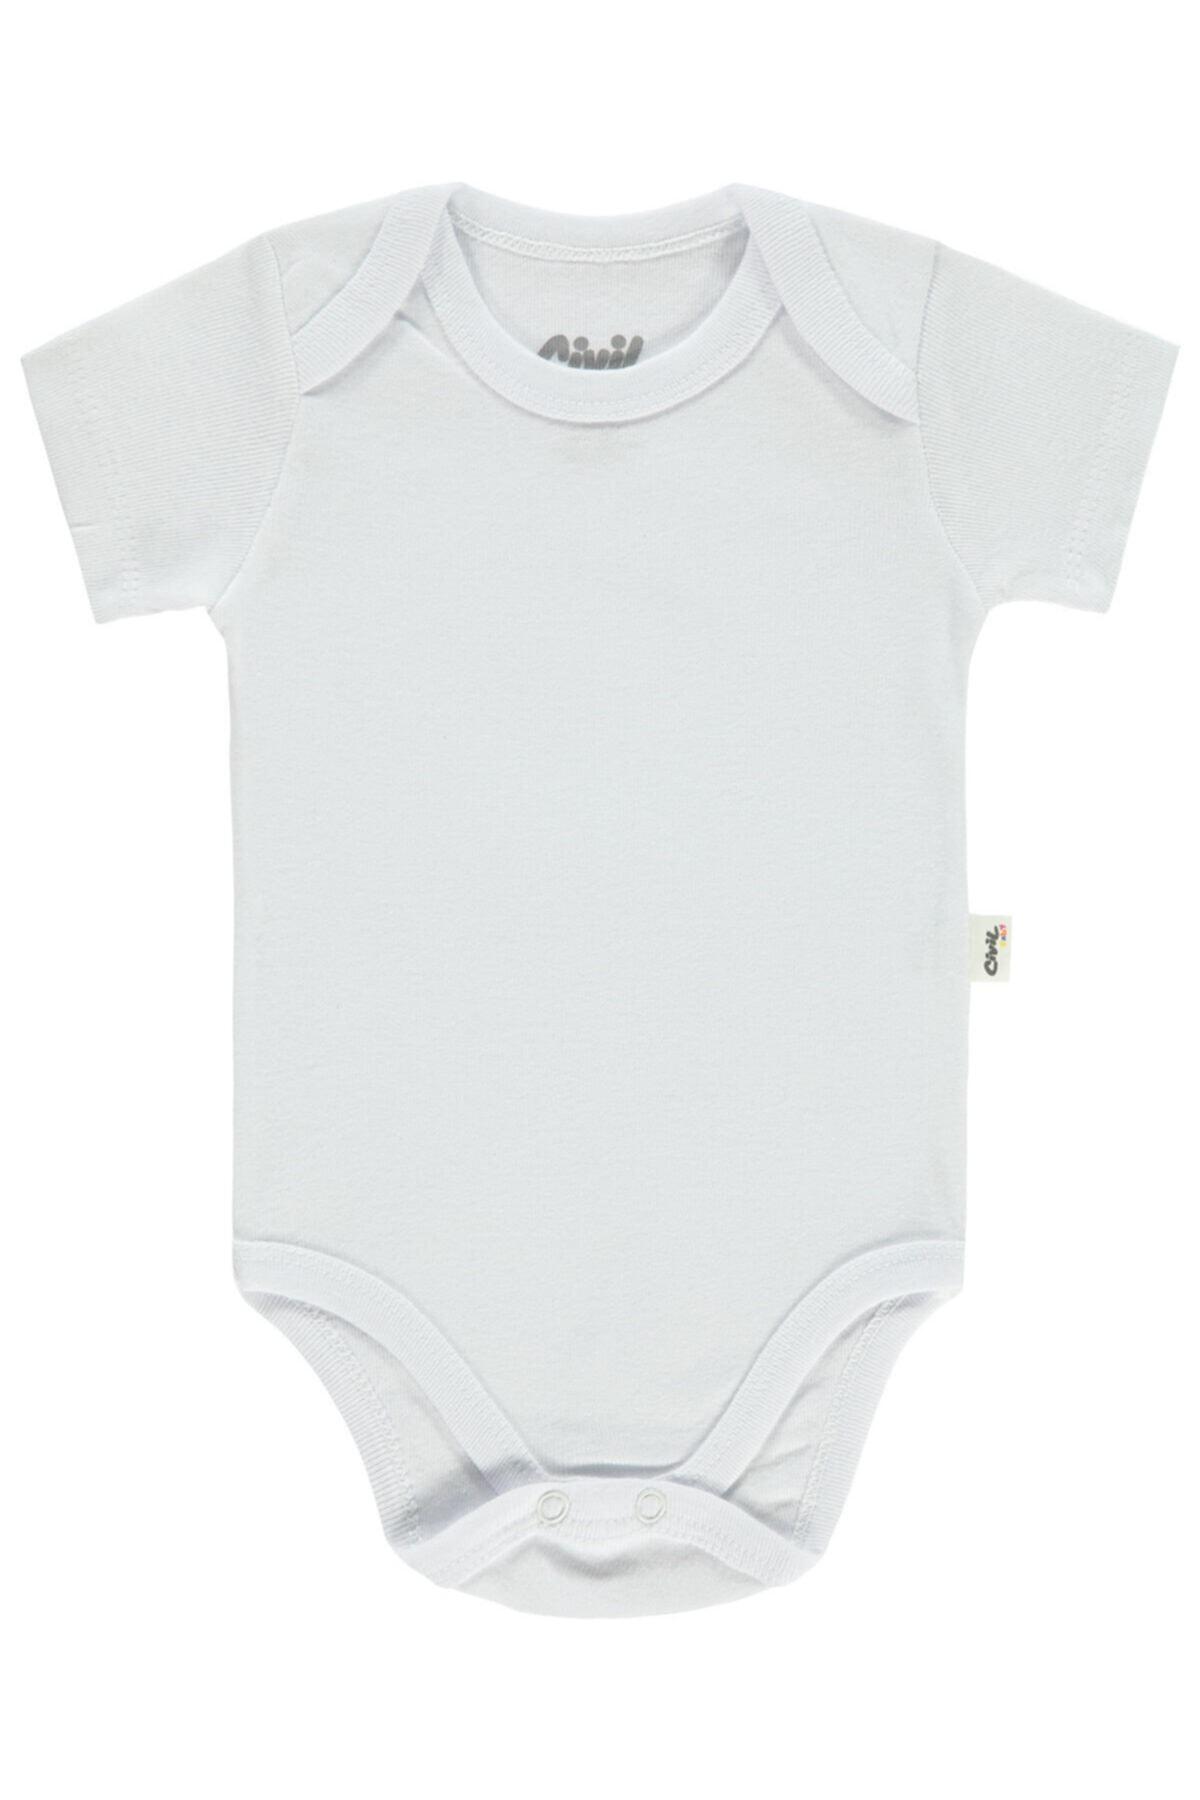 Civil Baby Bebek Çıtçıtlı Badi 0-24 Ay Beyaz 1